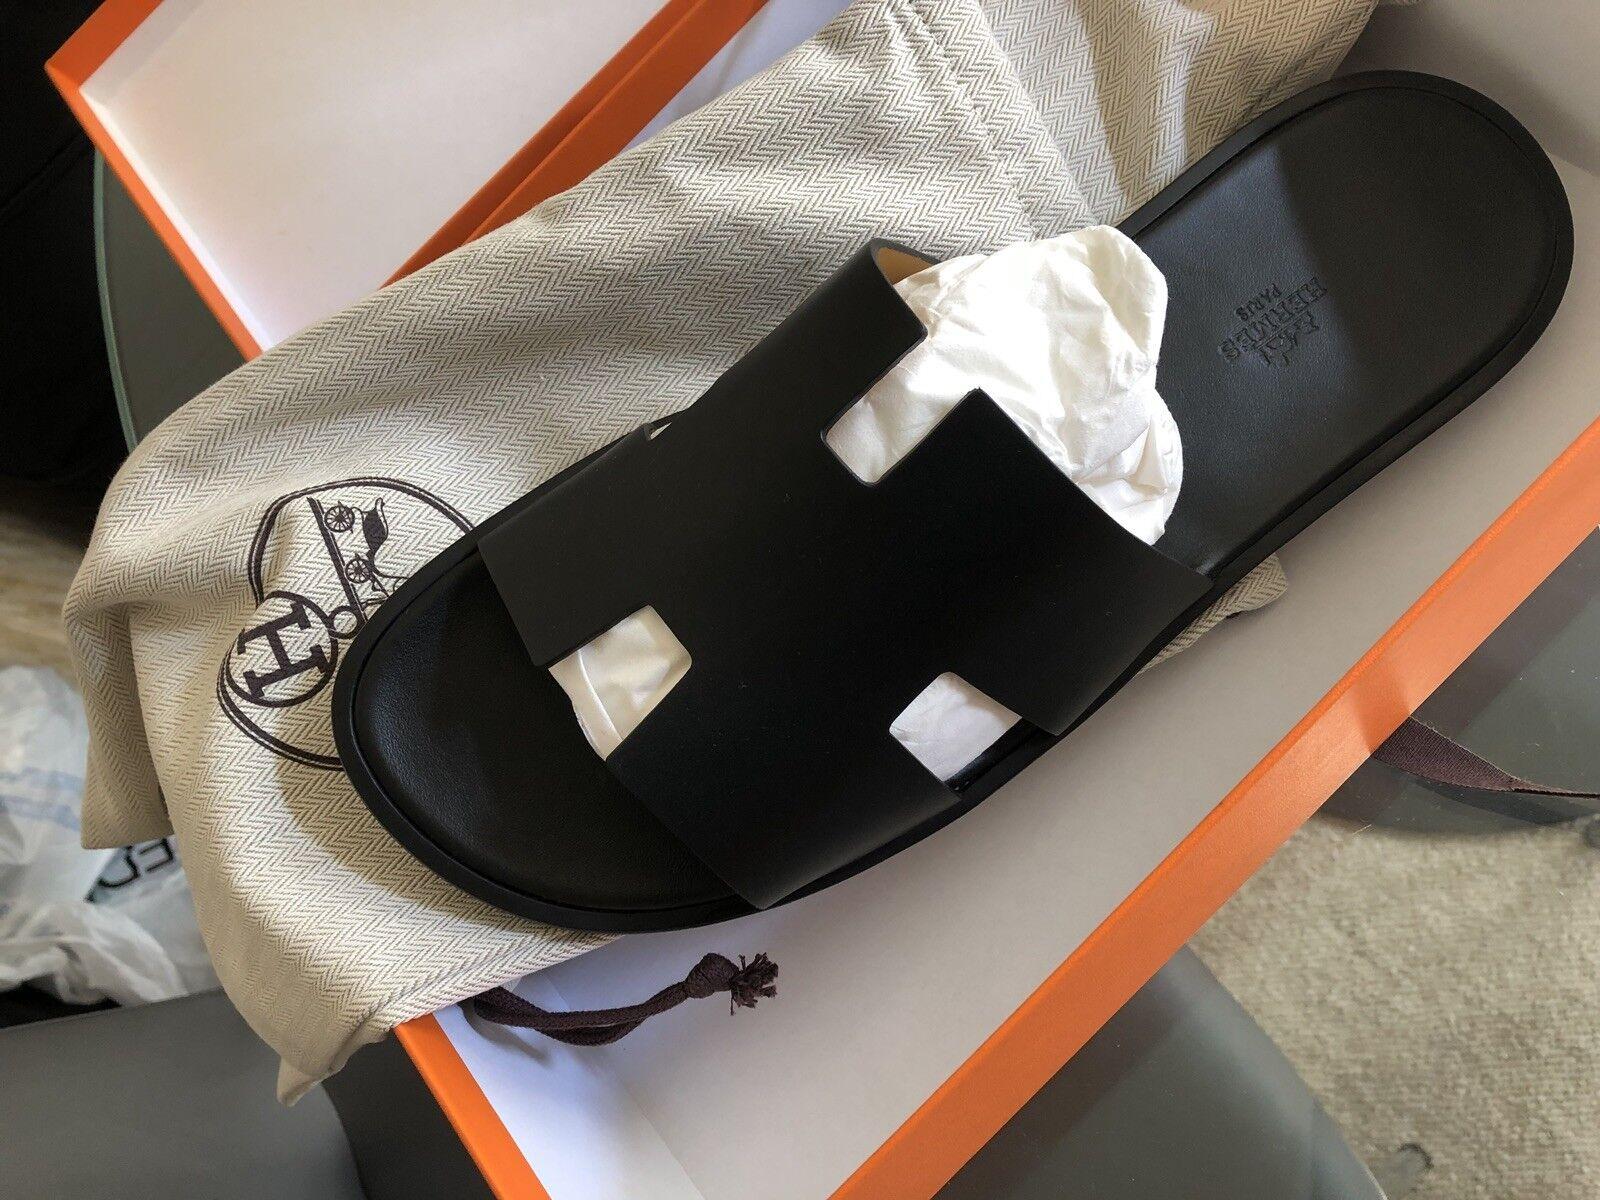 Hermes izmir Sandals Sandals Sandals män  bästa mode